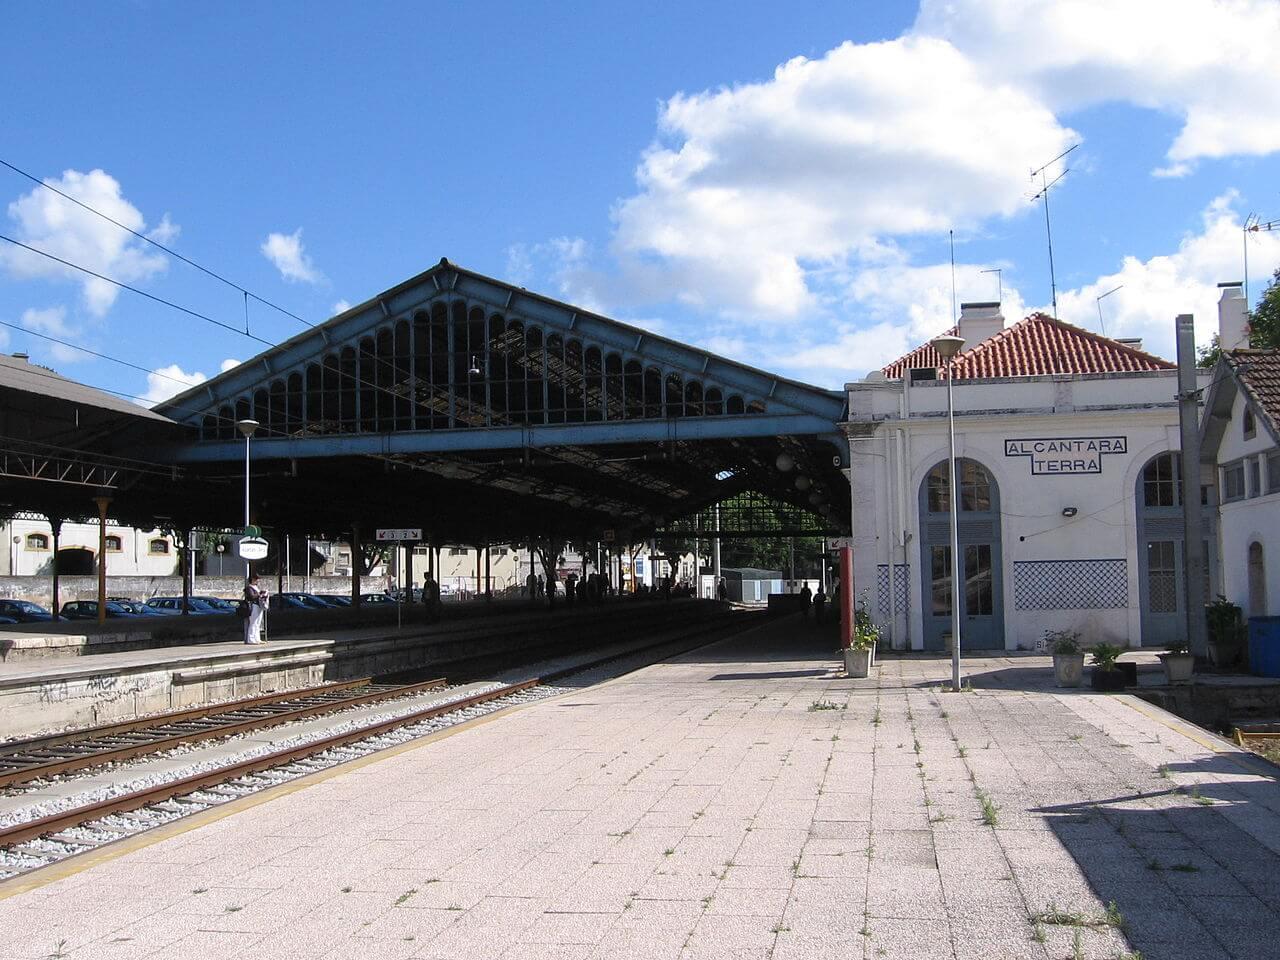 На вокзале Алкантара-Терра